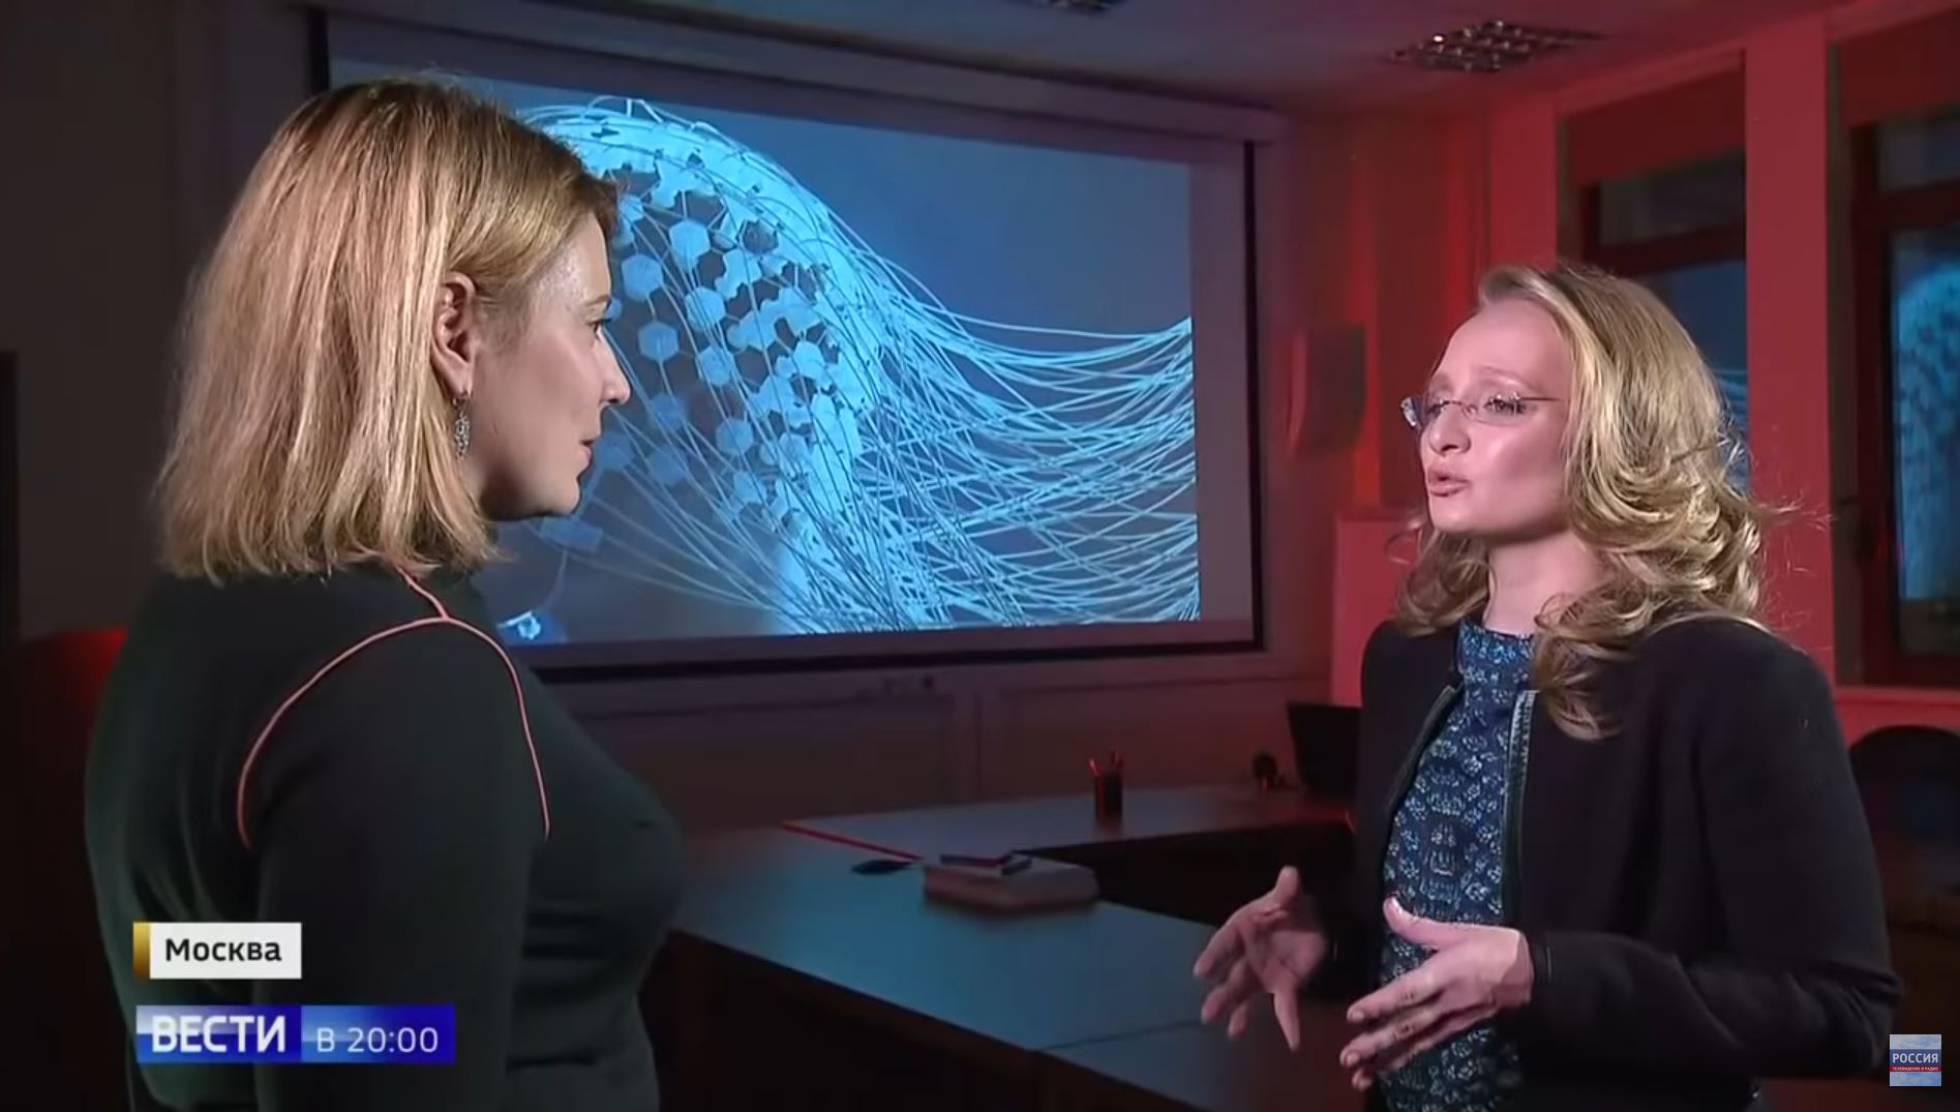 La misteriosa hija de Putin hace su debut en una entrevista en televisión